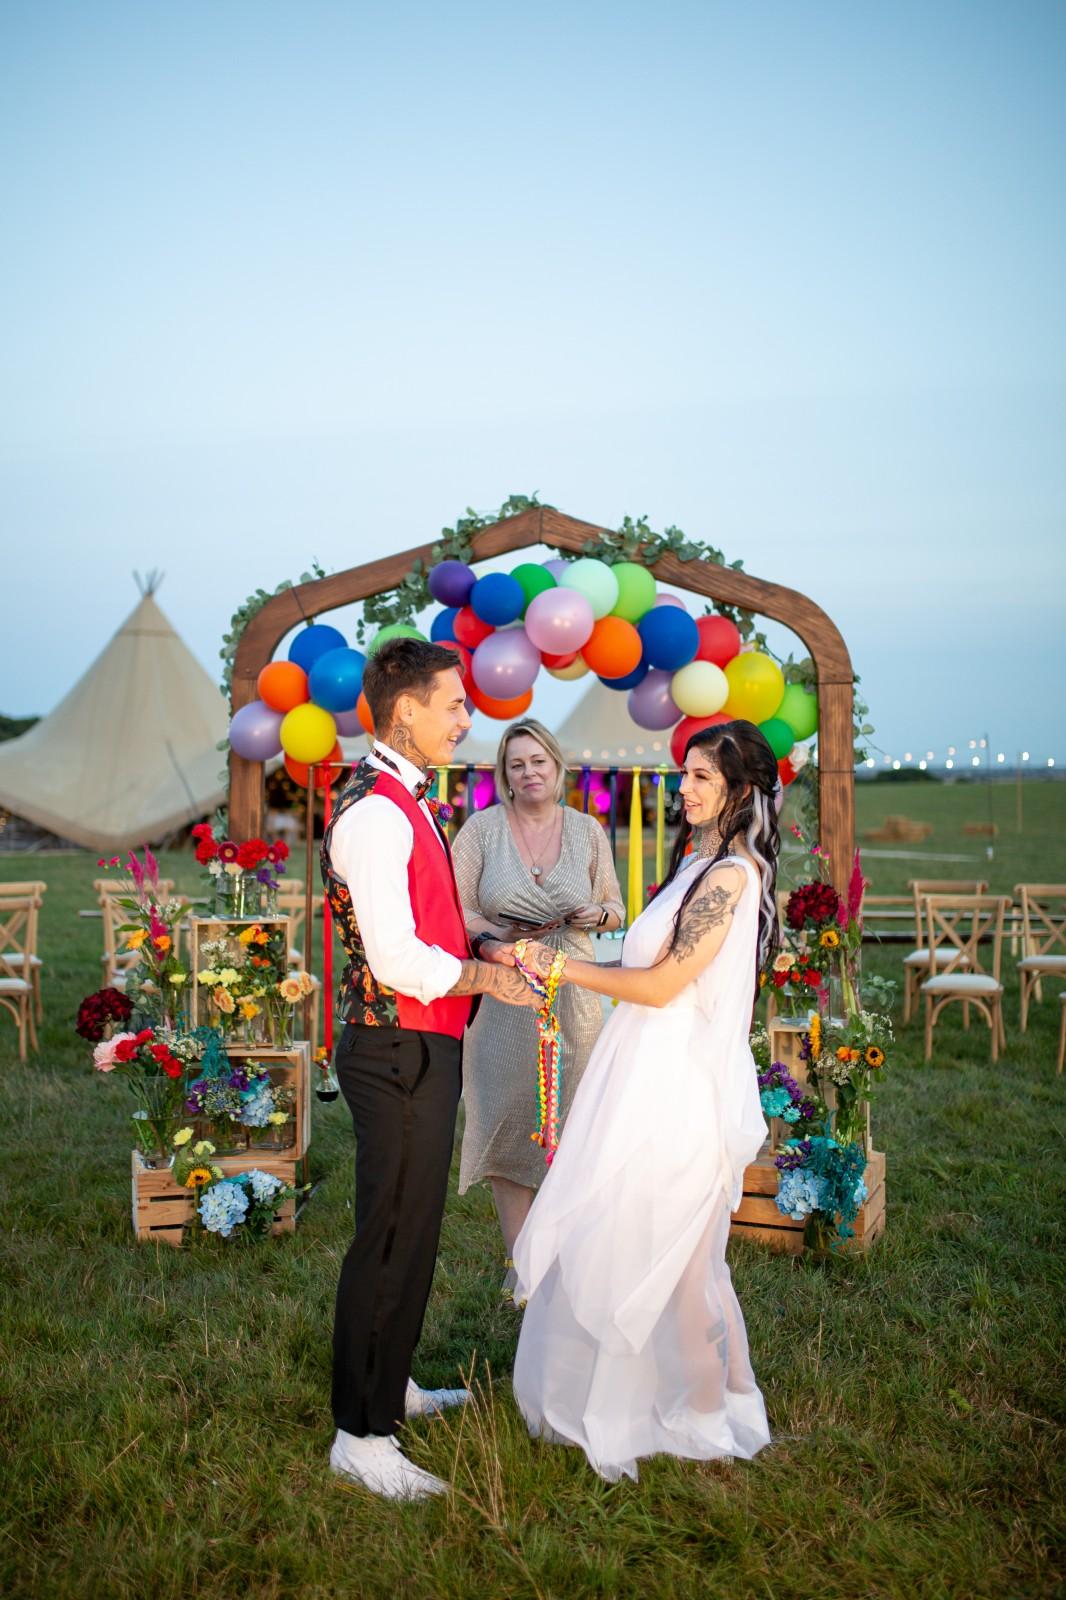 rainbow festival wedding - colourful wedding - quirky wedding ideas - festival wedding ceremony - handfasting ceremony